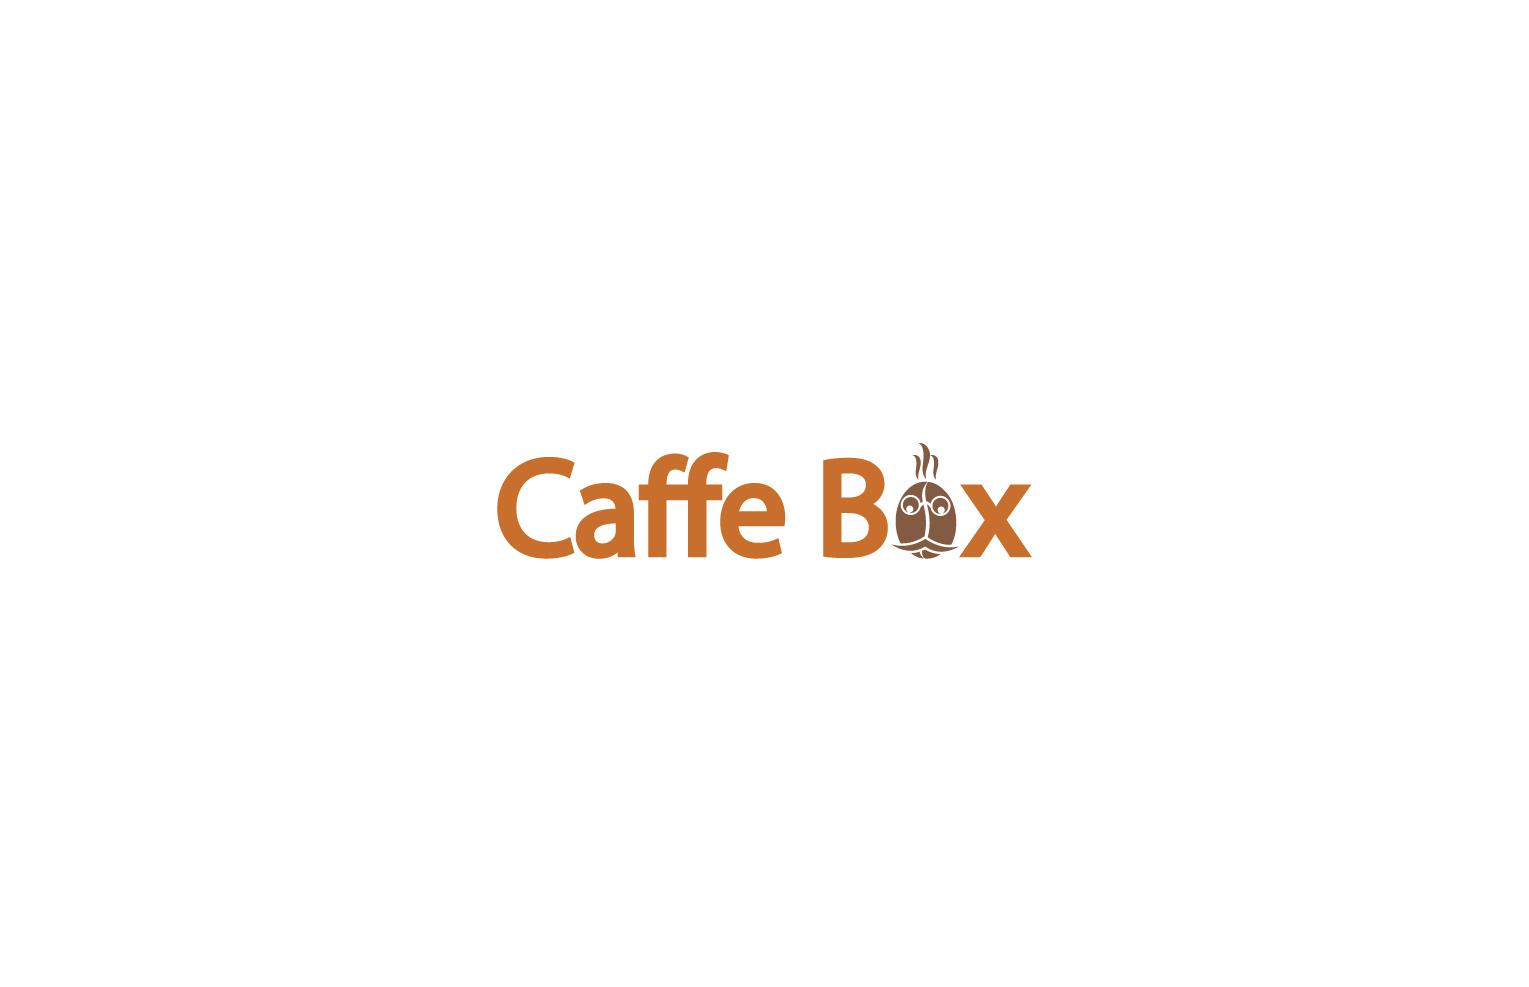 Требуется очень срочно разработать логотип кофейни! фото f_3375a0a92dc85b0b.jpg